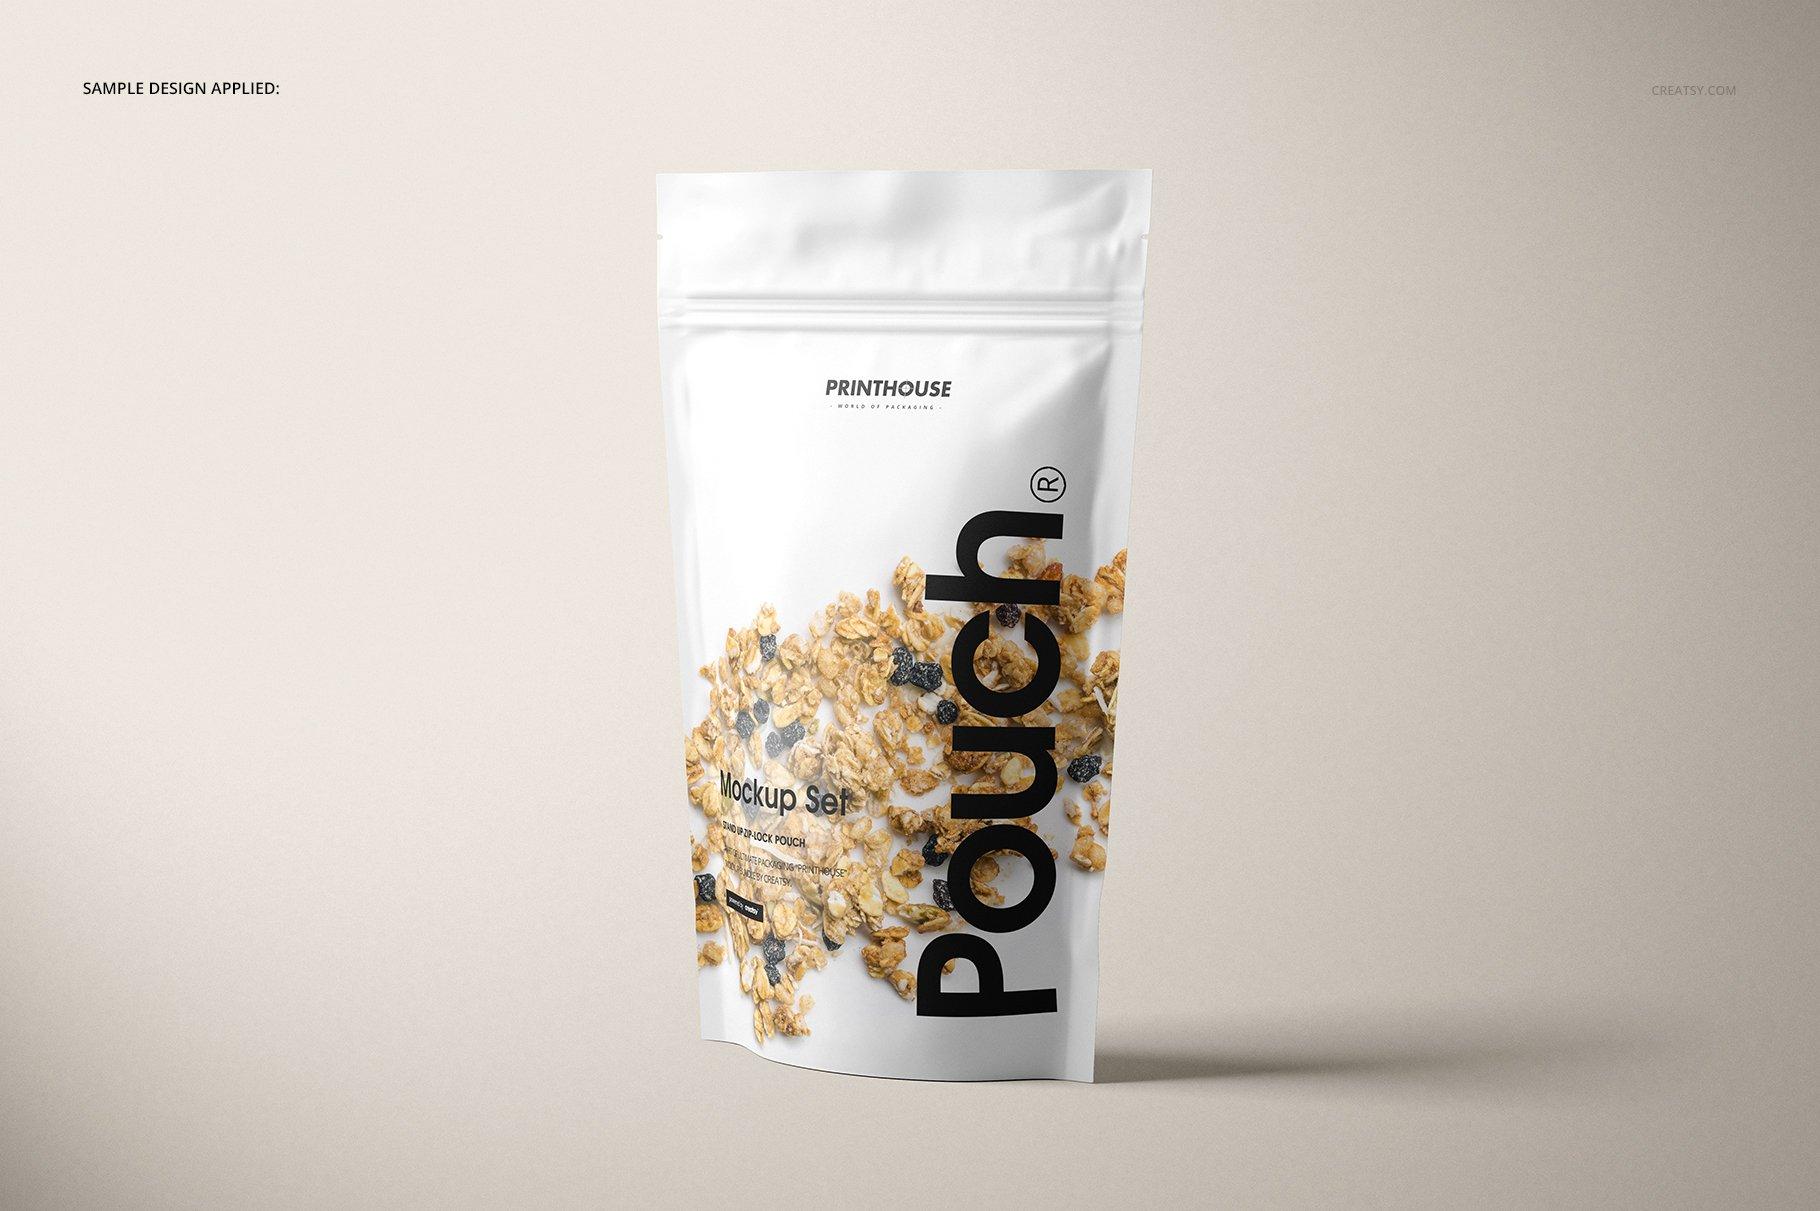 简约立式拉链锁食品自封袋塑料袋设计展示样机合集 Stand Up Pouch Mockup Set 2插图(4)